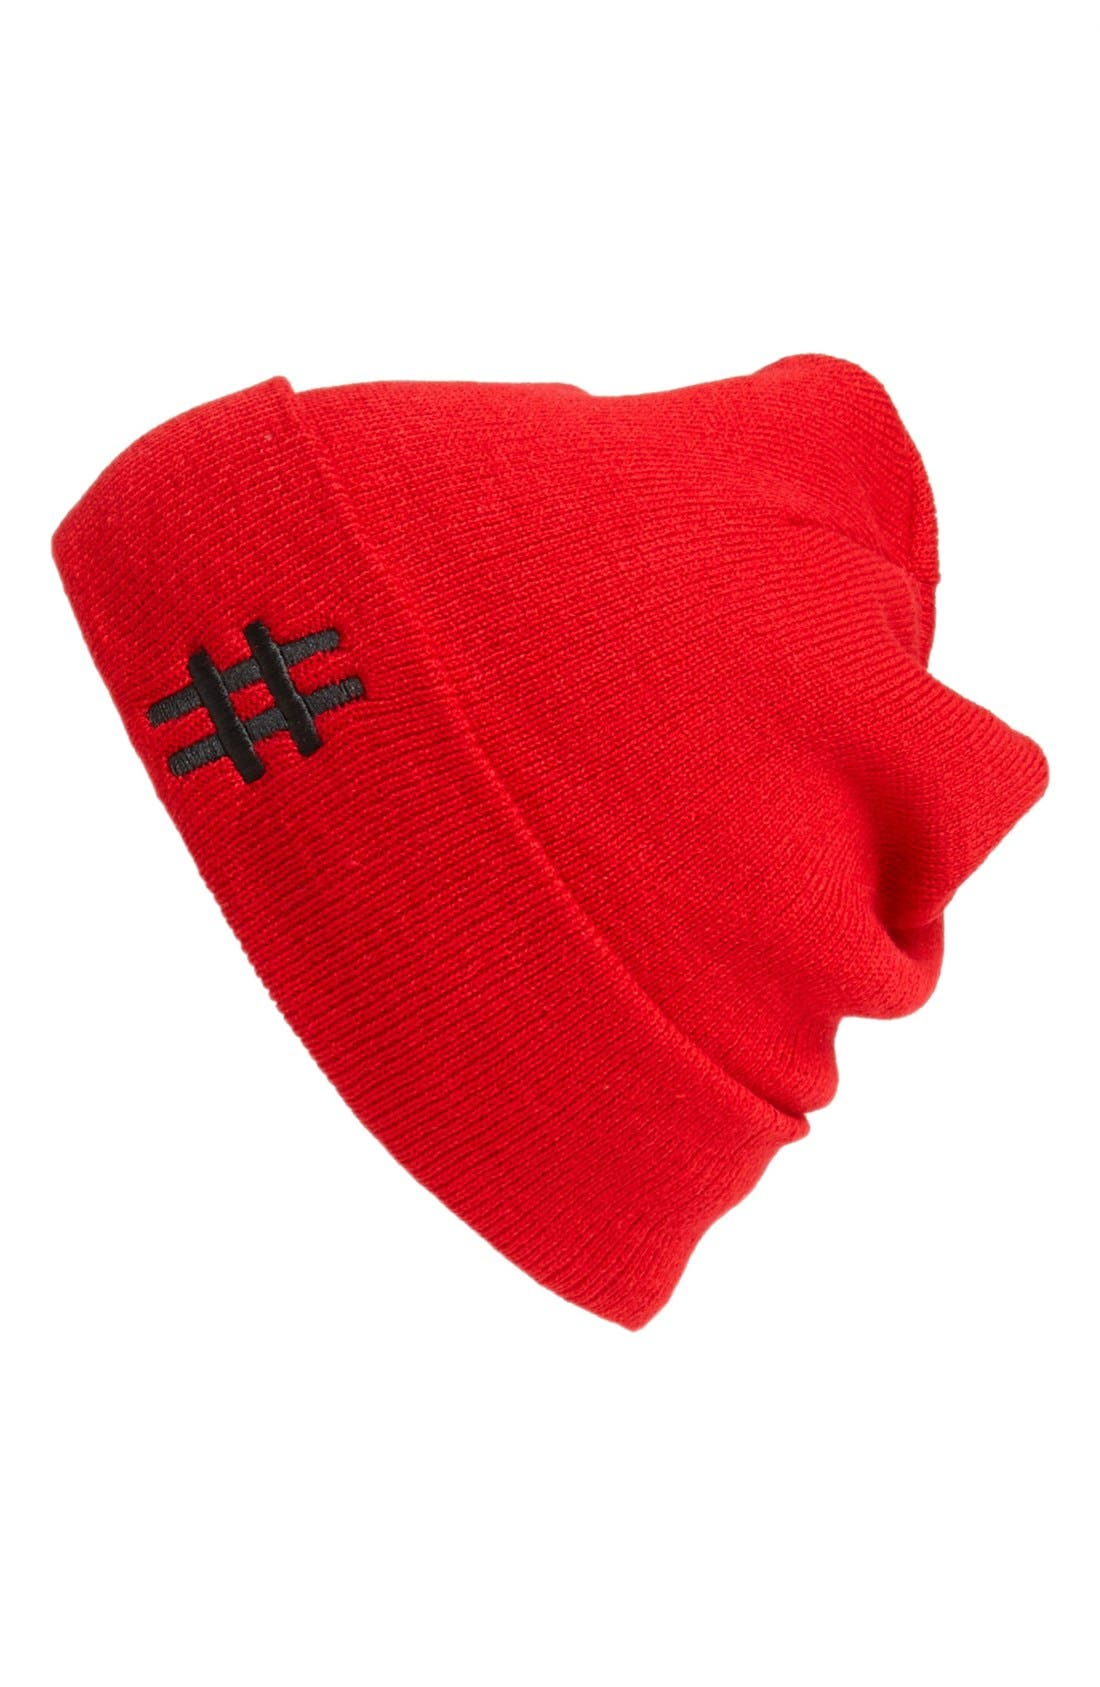 'Hashtag' Beanie,                             Main thumbnail 1, color,